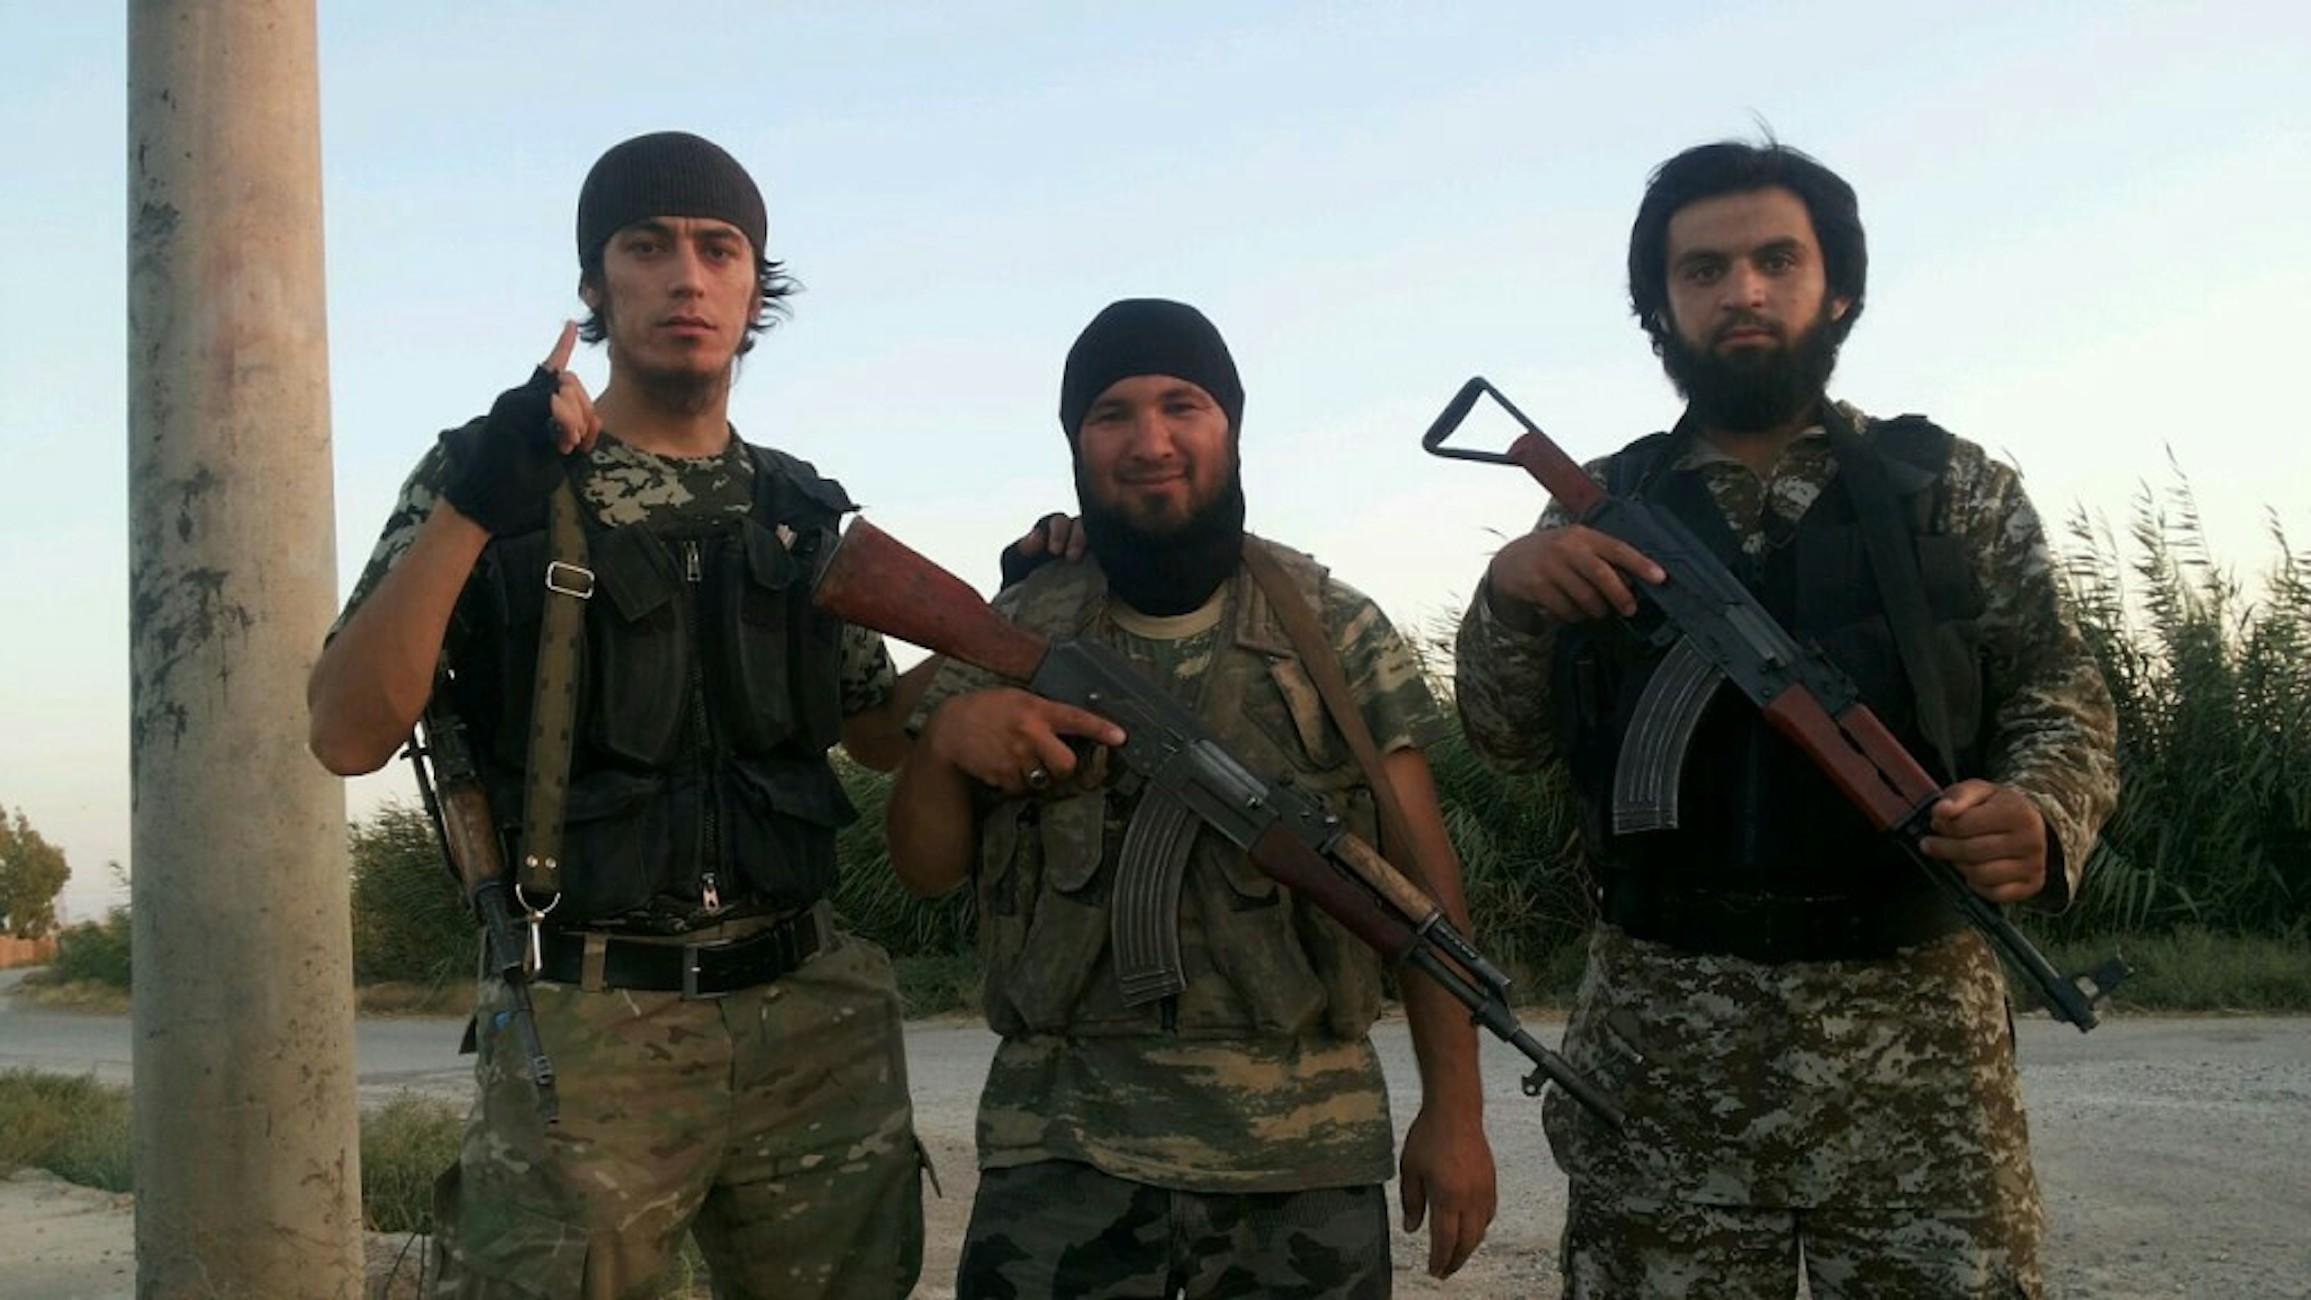 """В районе """"высокого риска"""" в Таджикистане снизилось количество дел, связанных с радикализацией"""